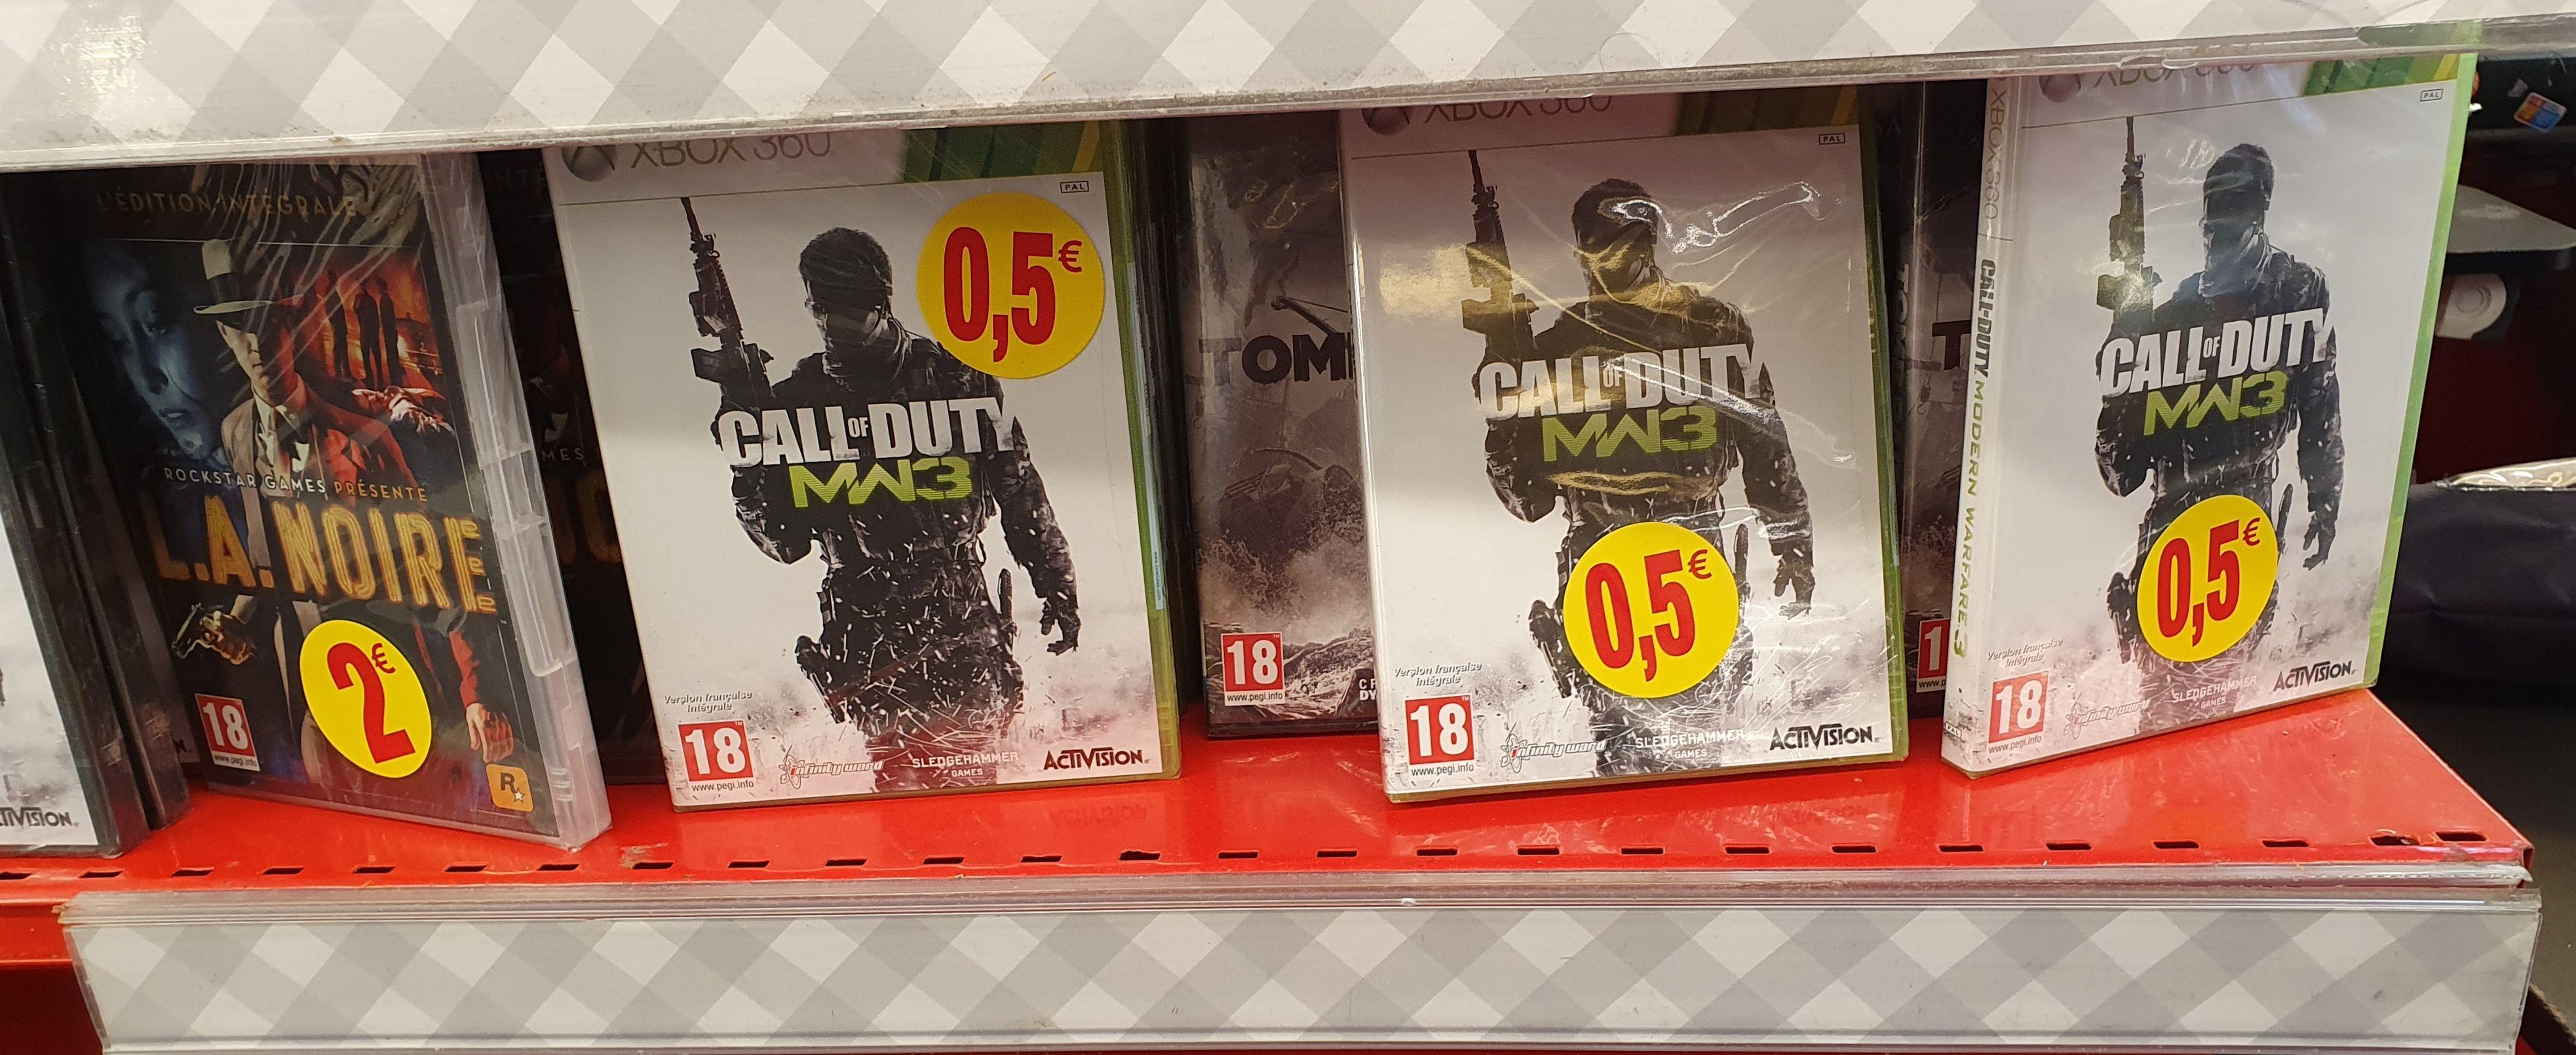 Sélection de jeux vidéo en promotion - Ex : Call of Duty Modern Warfare 3 sur Xbox One - Lyon Félix Faure (69)